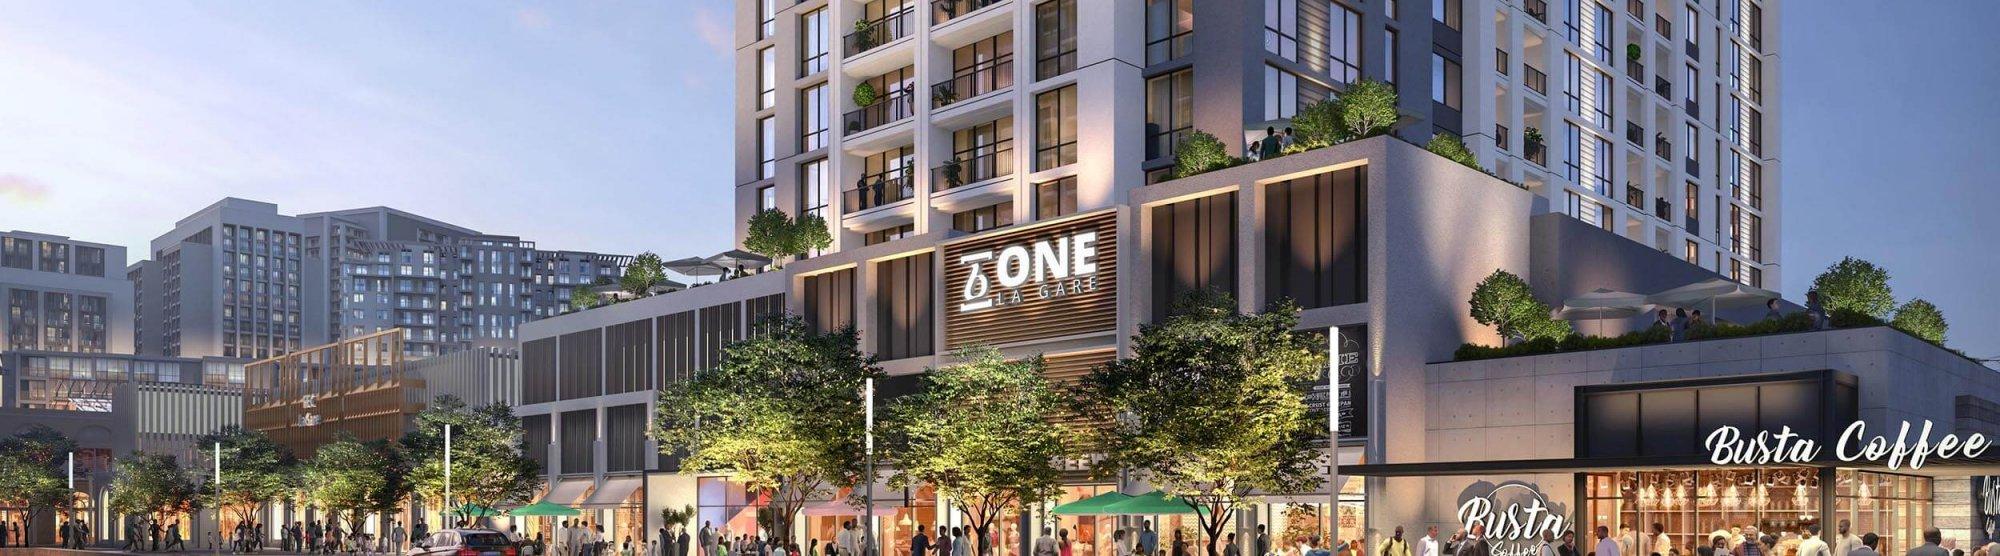 Real Estate for Sale at One La Gare Ethiopia